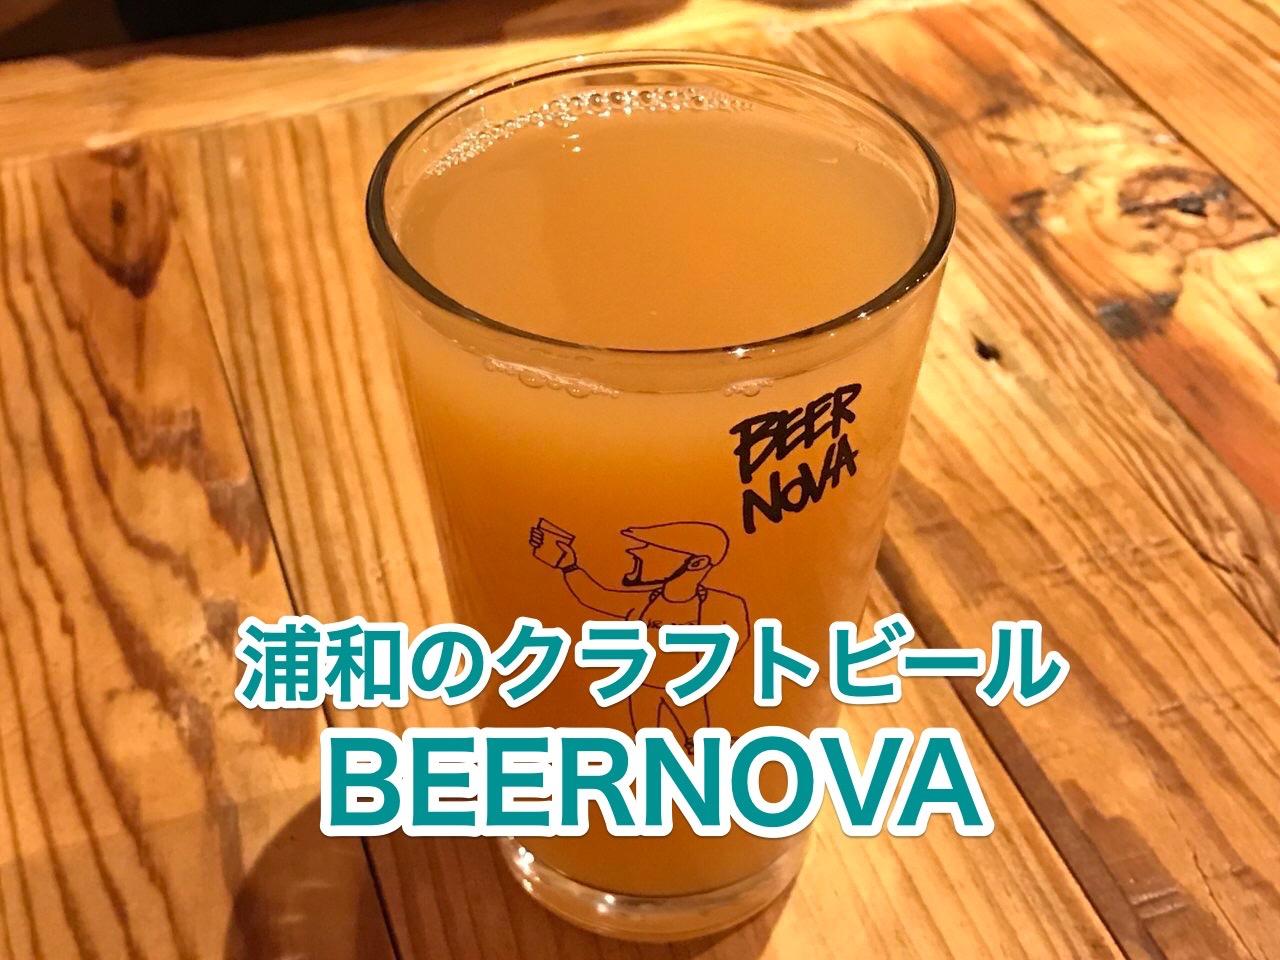 「BEERNOVA(ビアノバ)」最大31タップ!浦和駅東口のクラフトビール専門店